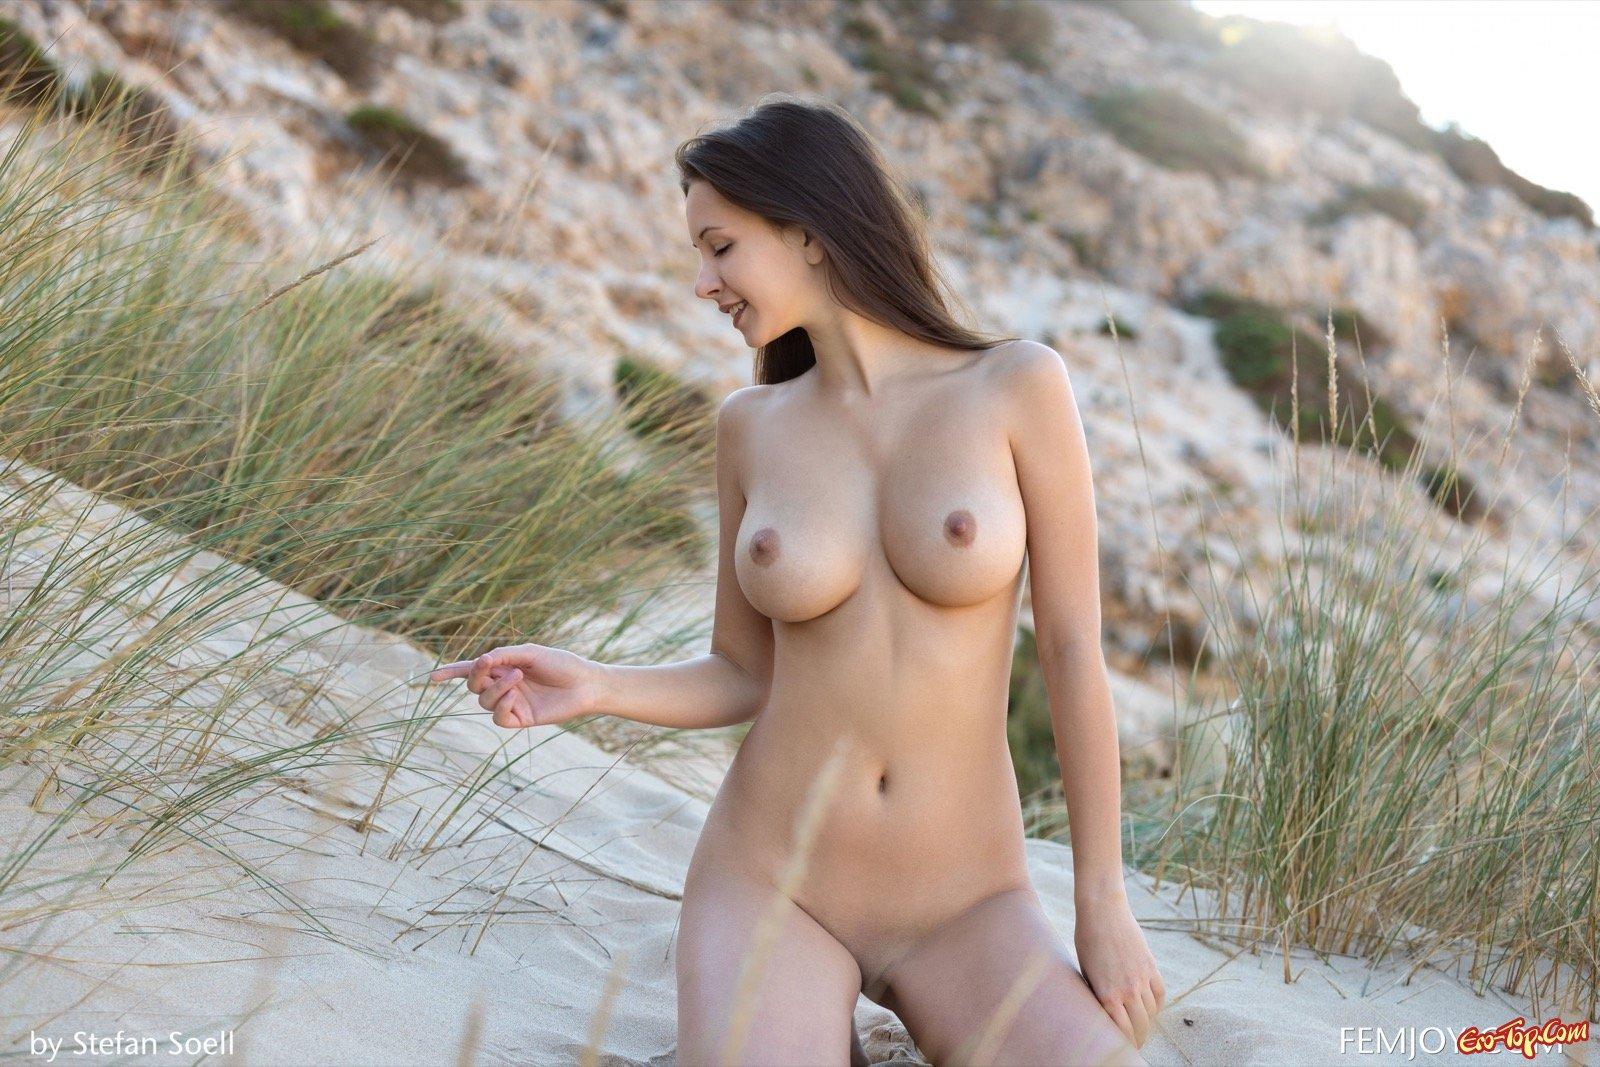 Восхитительная шлюха с круглой грудью в безлюдном месте